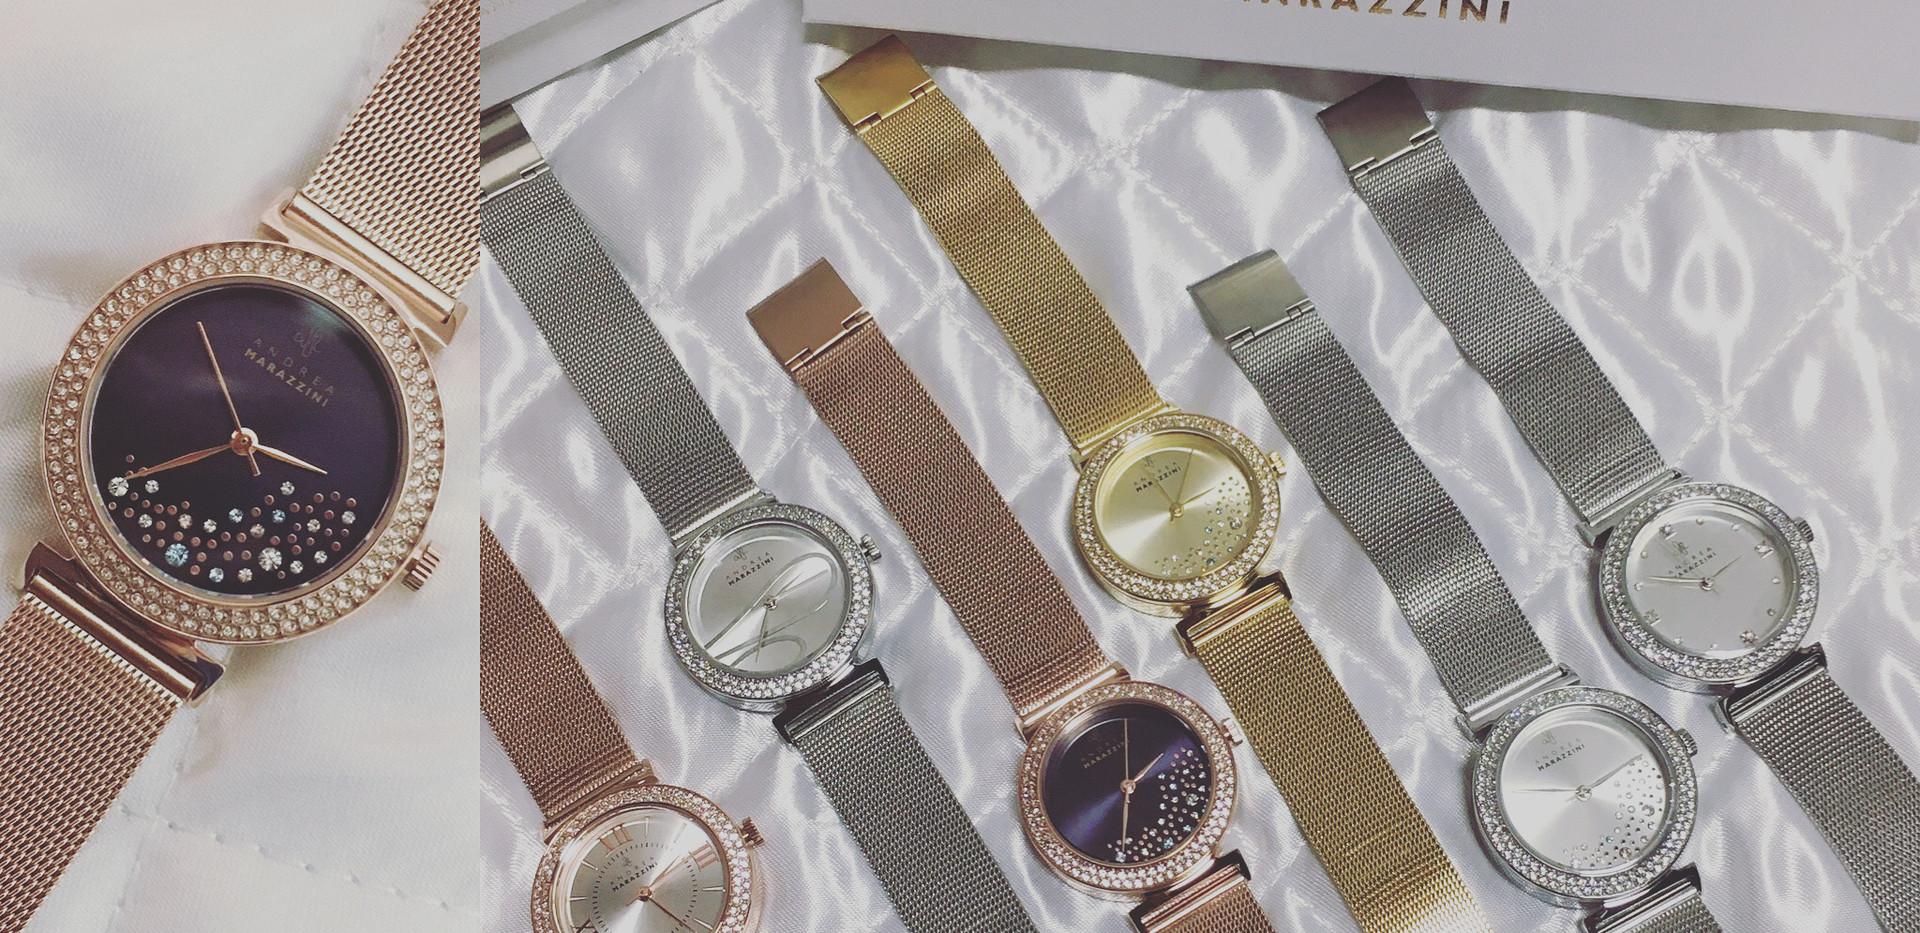 Choix de montre en bijouterie. 165€